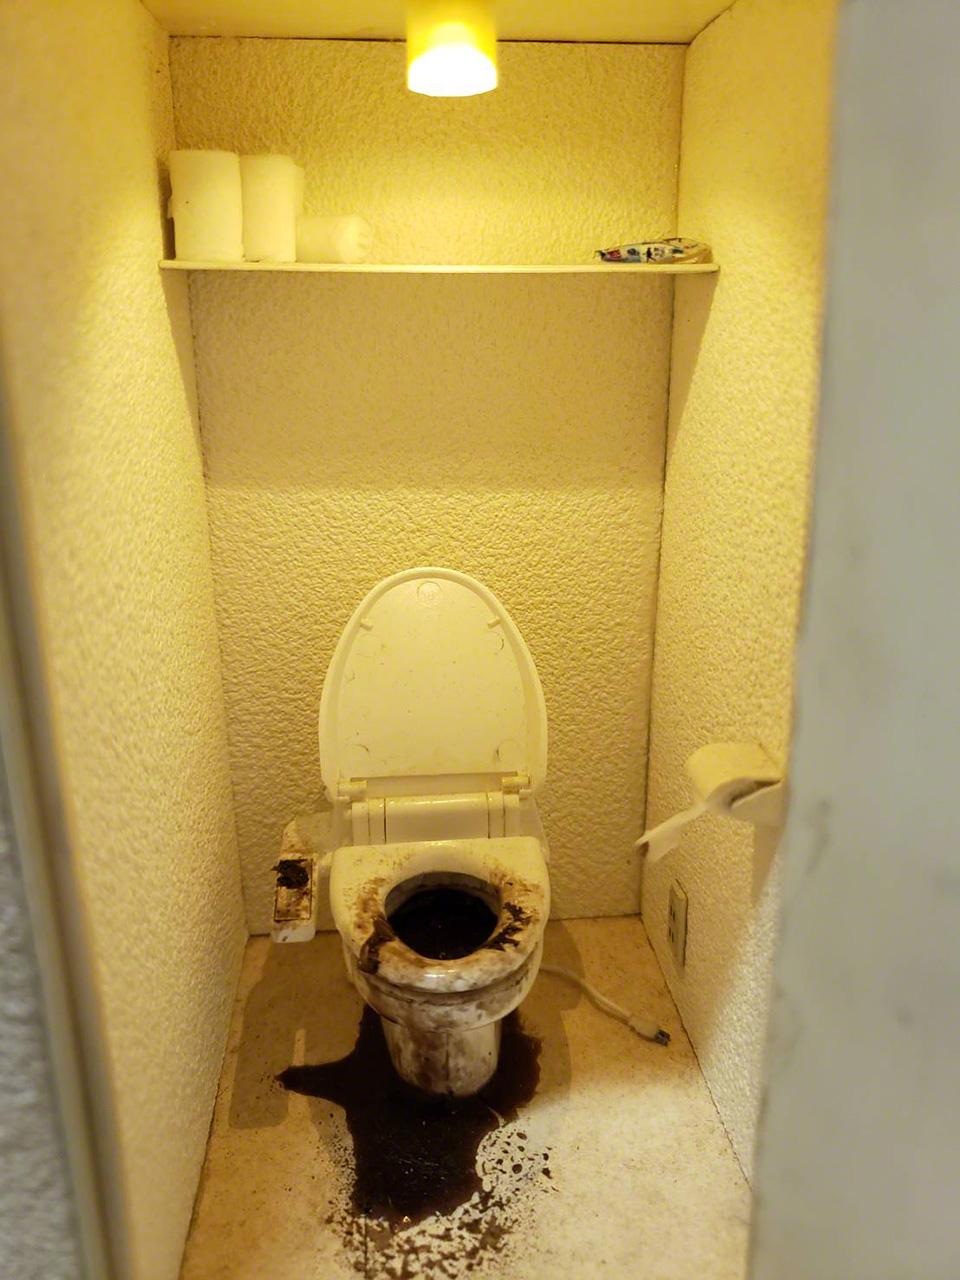 «Кодокуси от теплового шока в туалете»